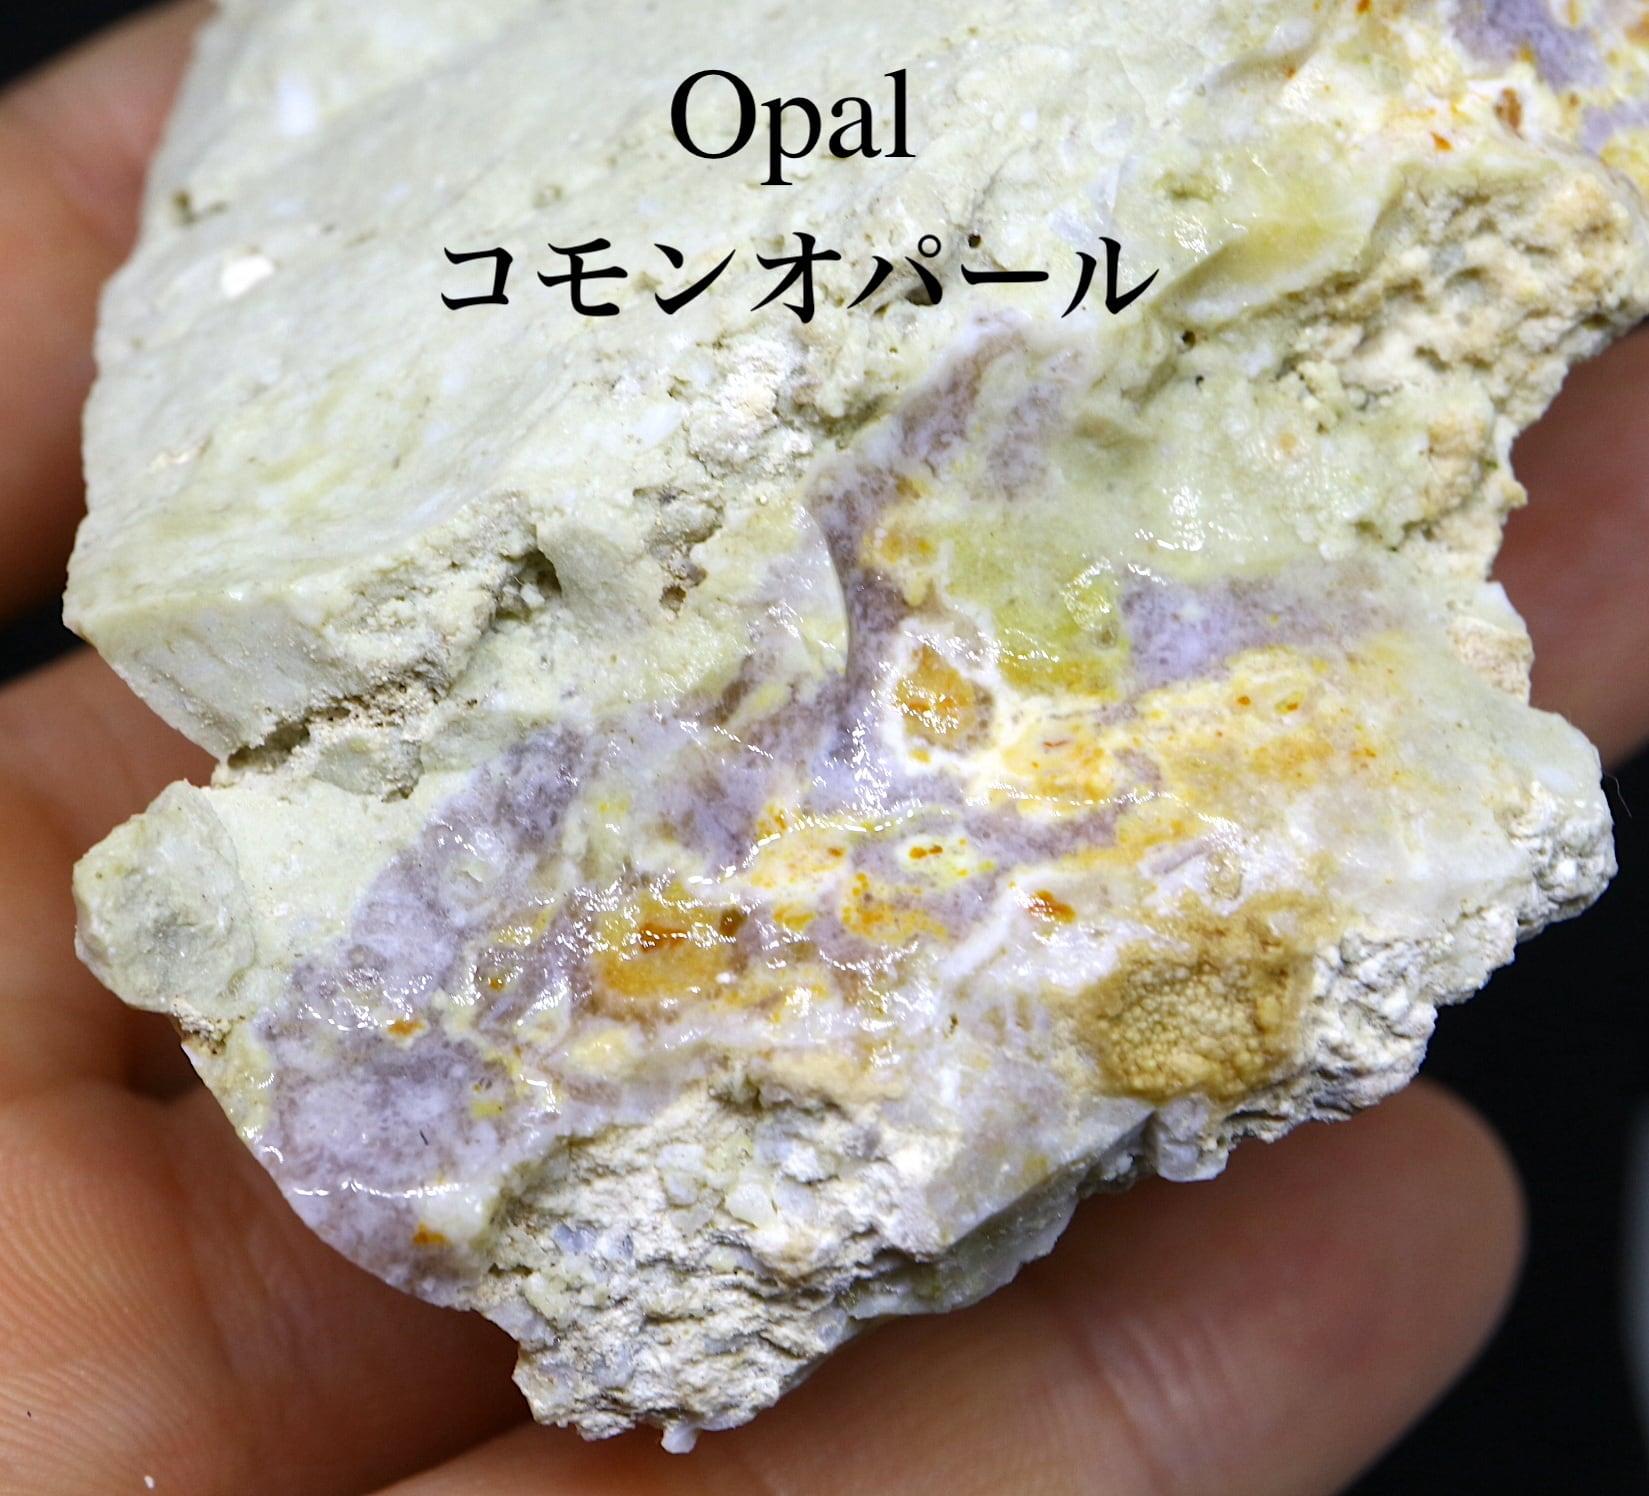 カリフォルニア産 コモンオパール  82,4g COA005 原石 鉱物 天然石 パワーストーン